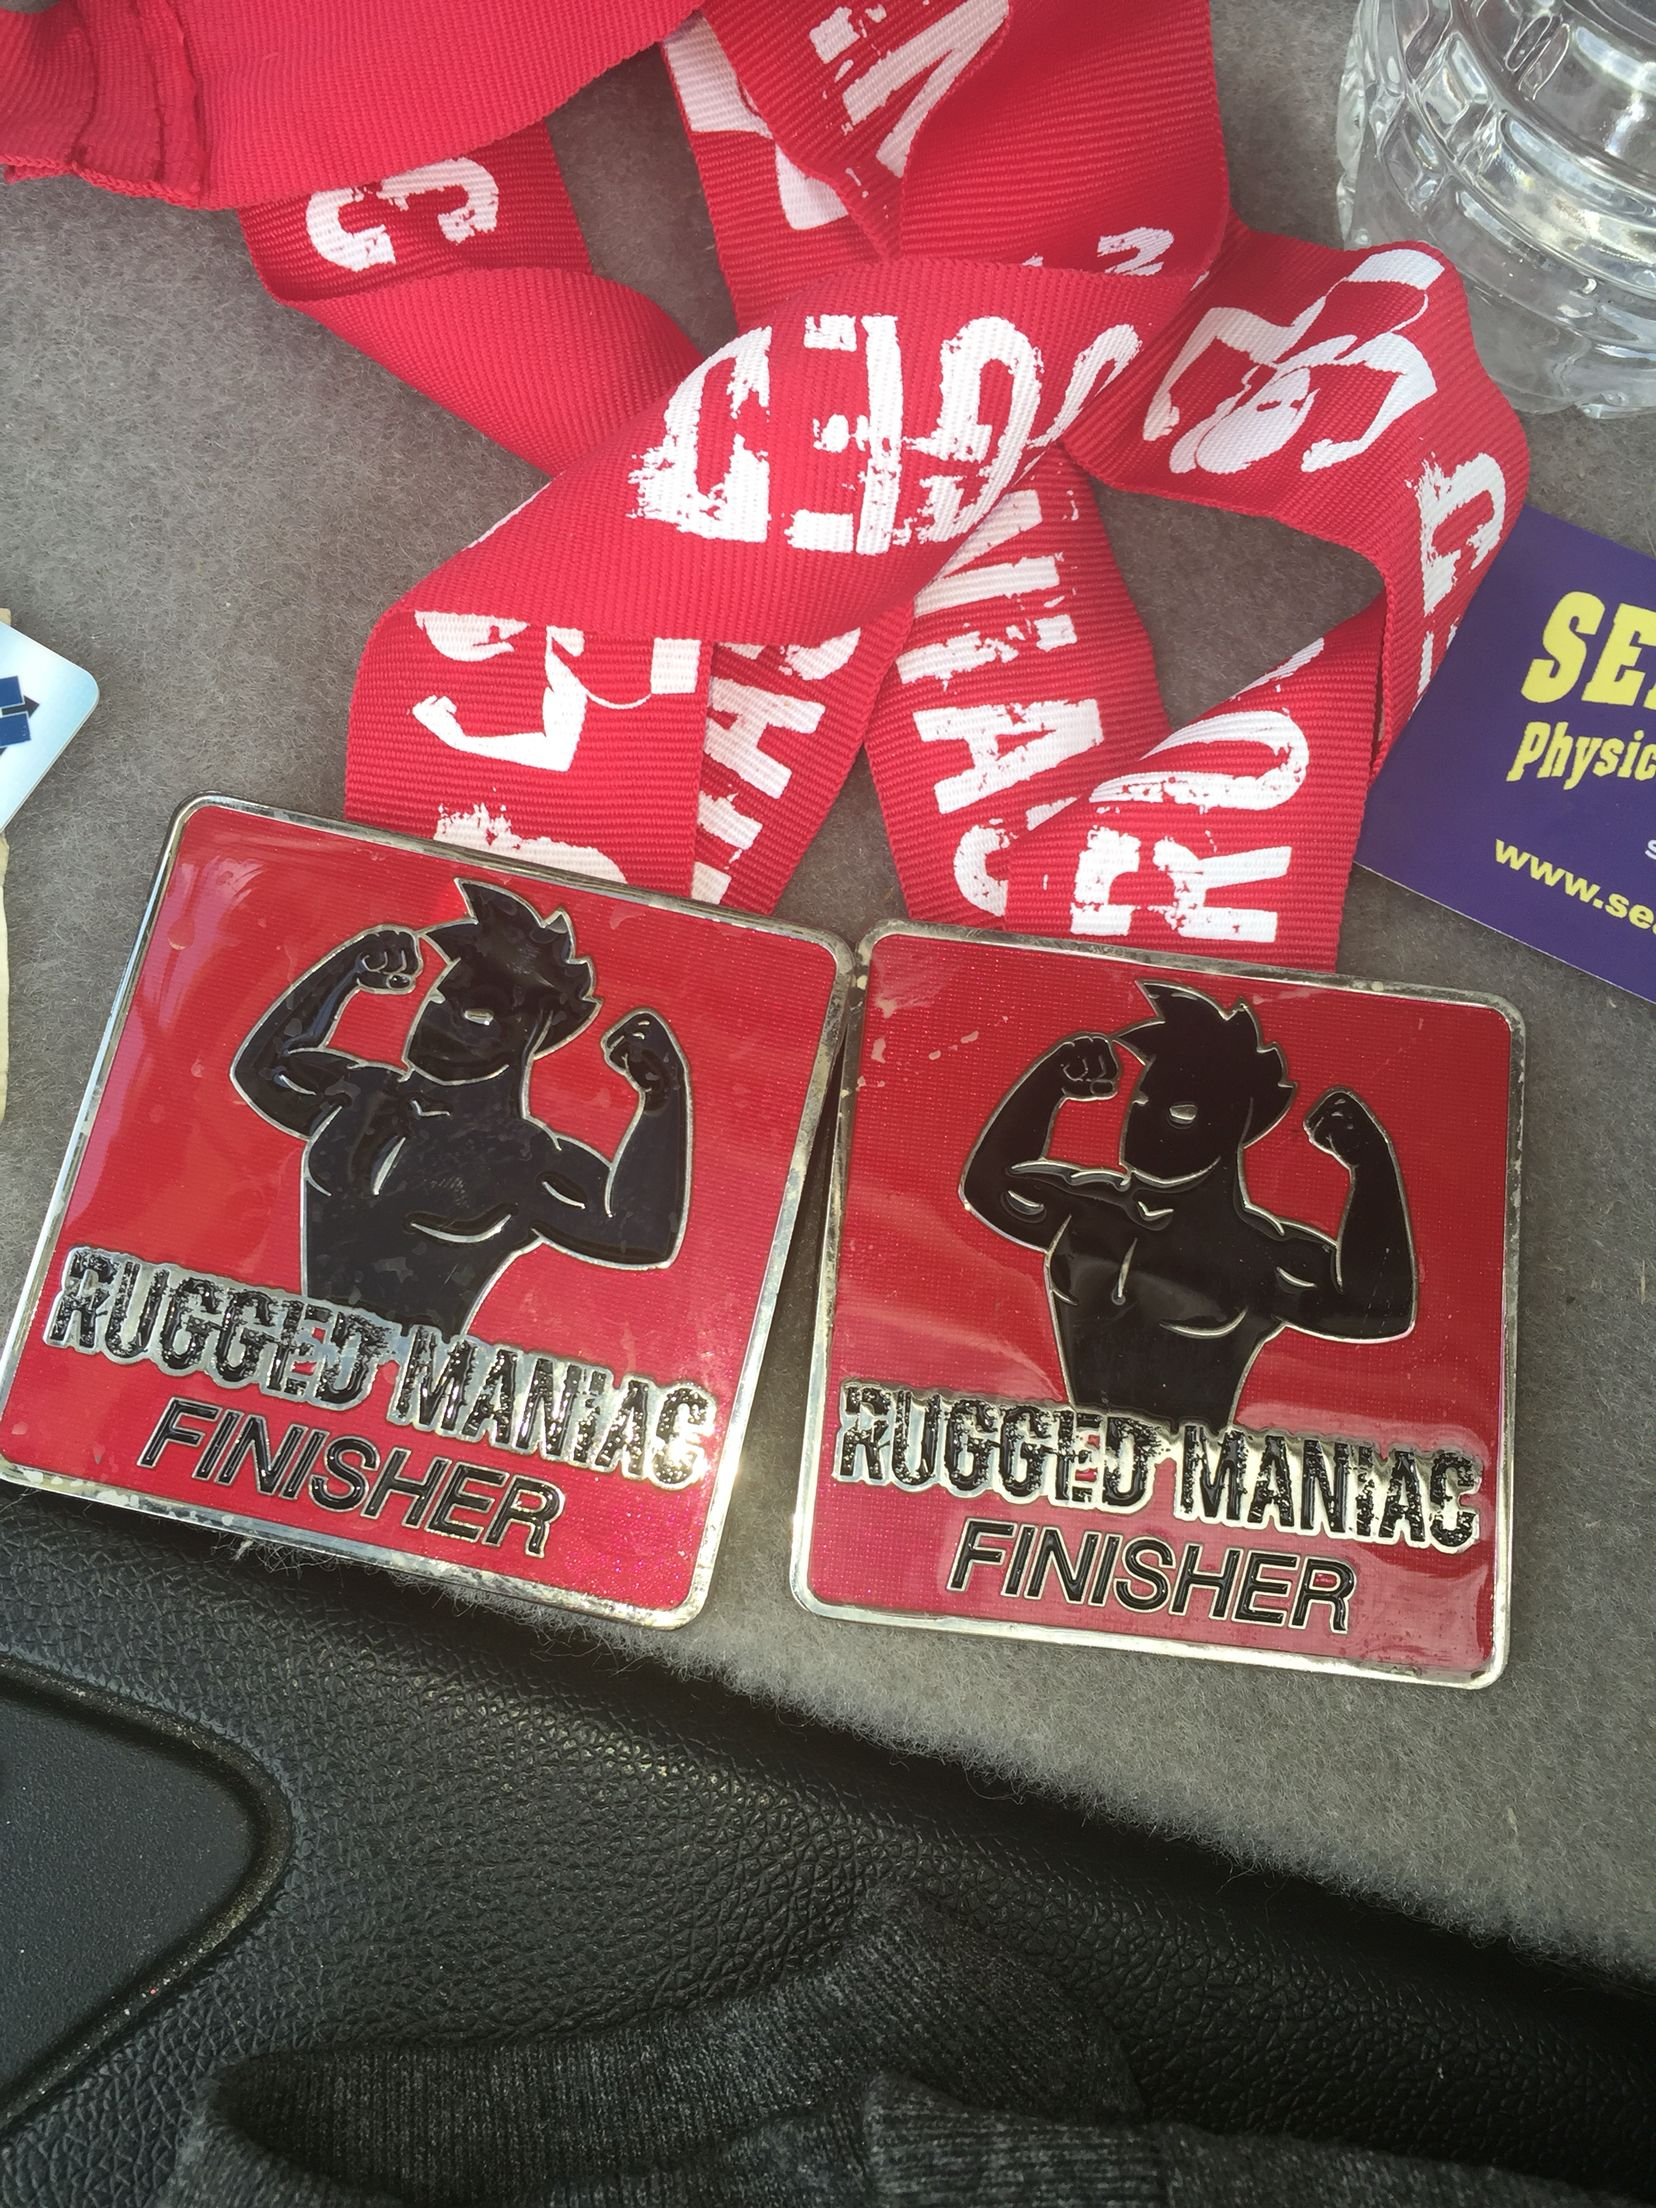 Rugged Maniac 2014